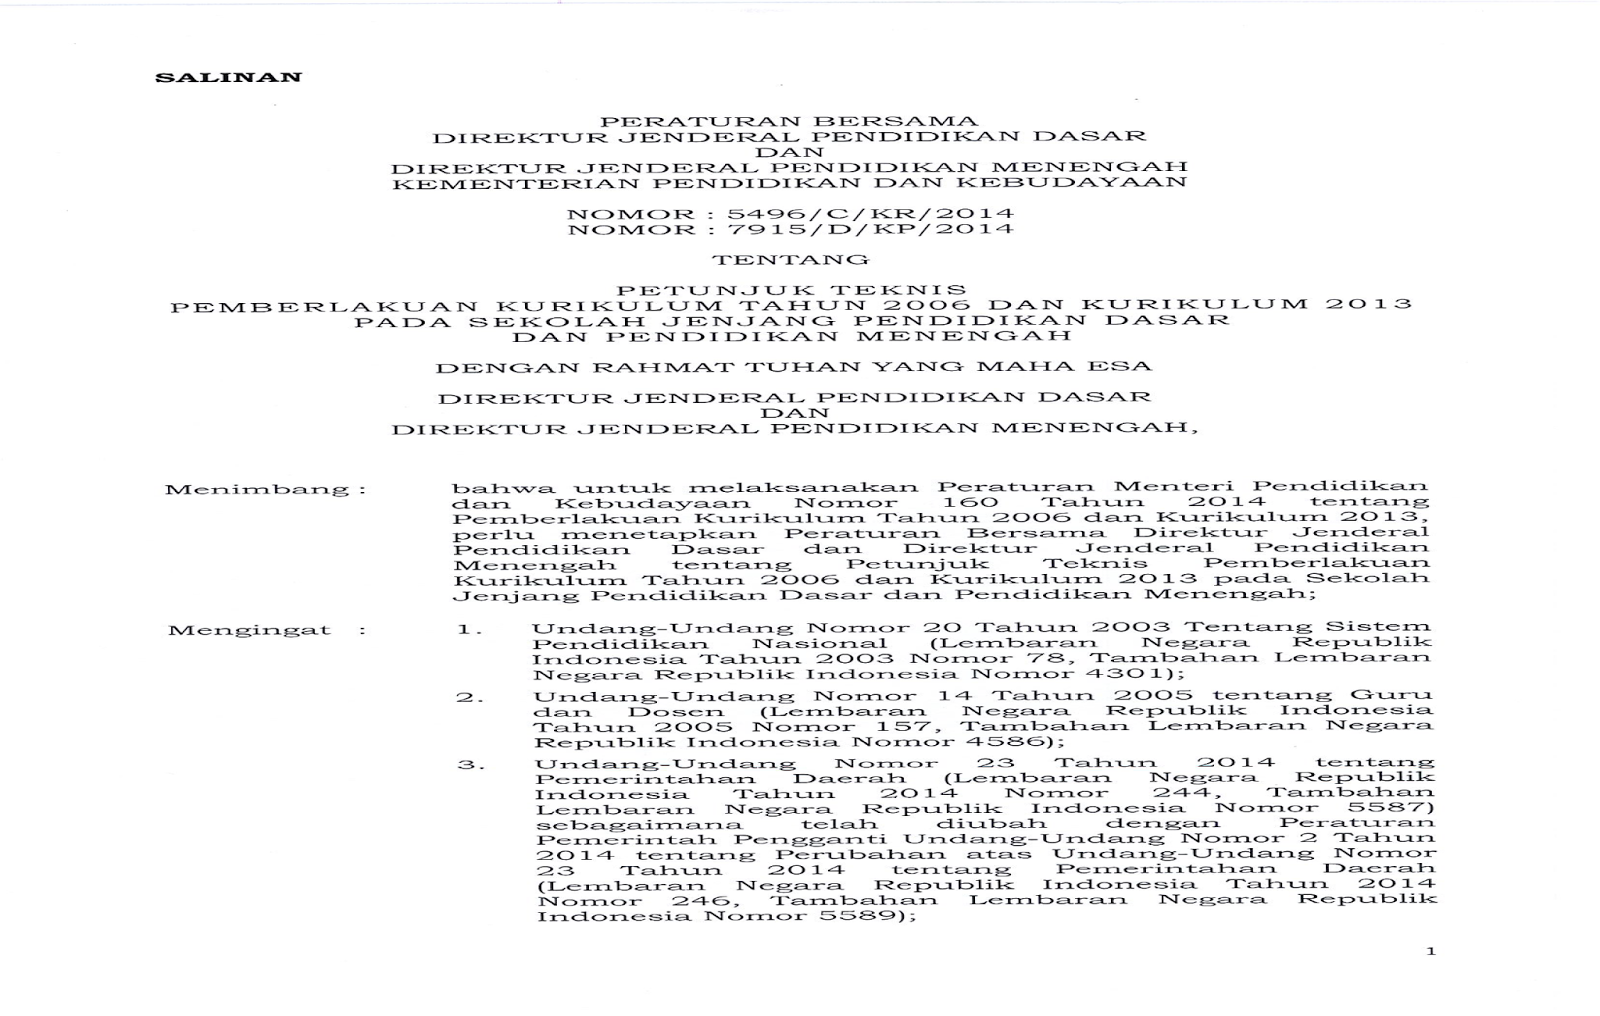 Petunjuk Teknis Pemberlakuan Kembali Kurikulum 2006 dan Kurikulum 2013